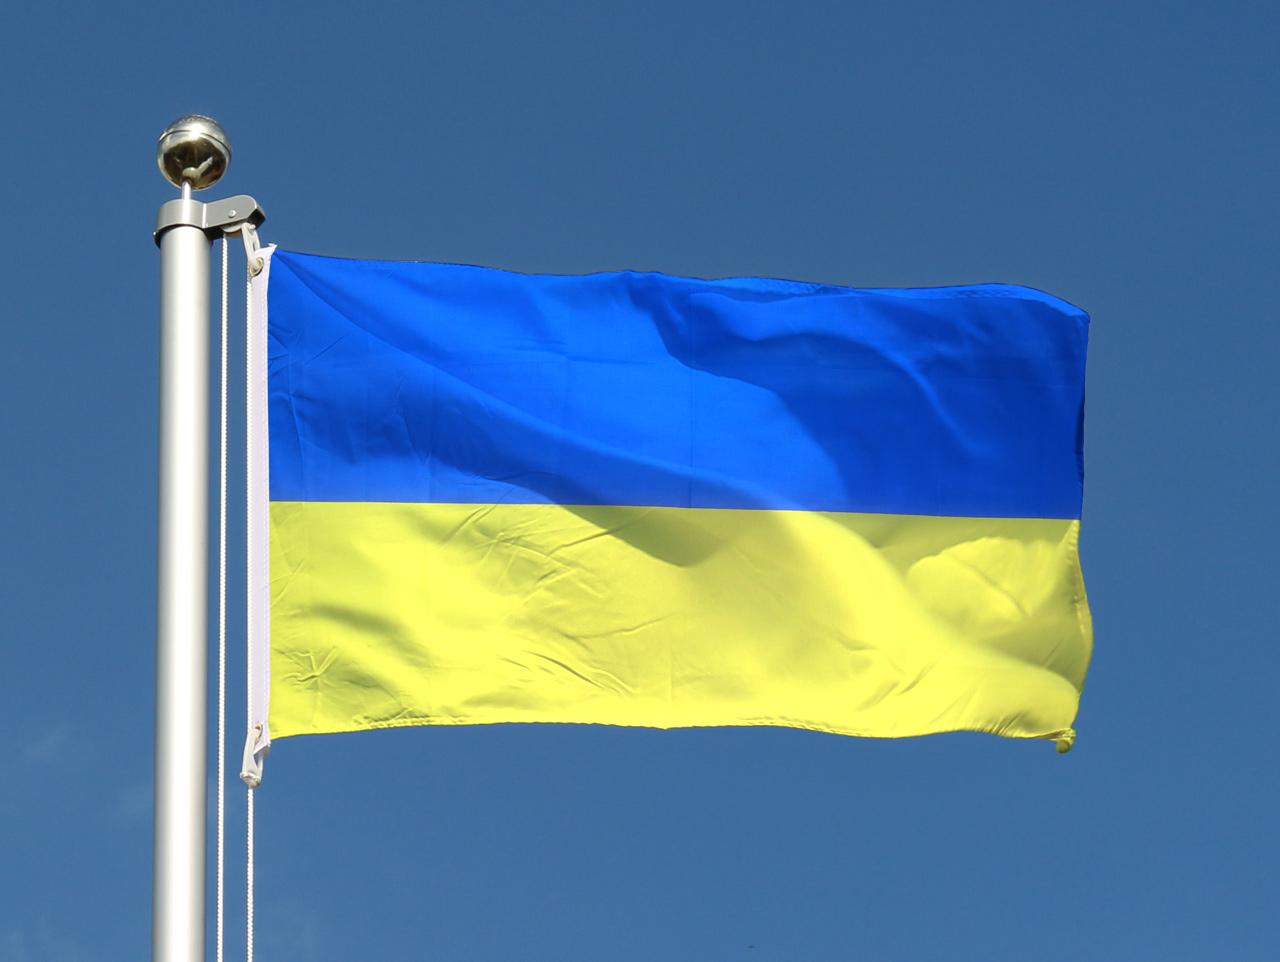 Drapeau pas cher ukraine 60 x 90 cm monsieur des drapeaux for Drapeau publicitaire exterieur pas cher